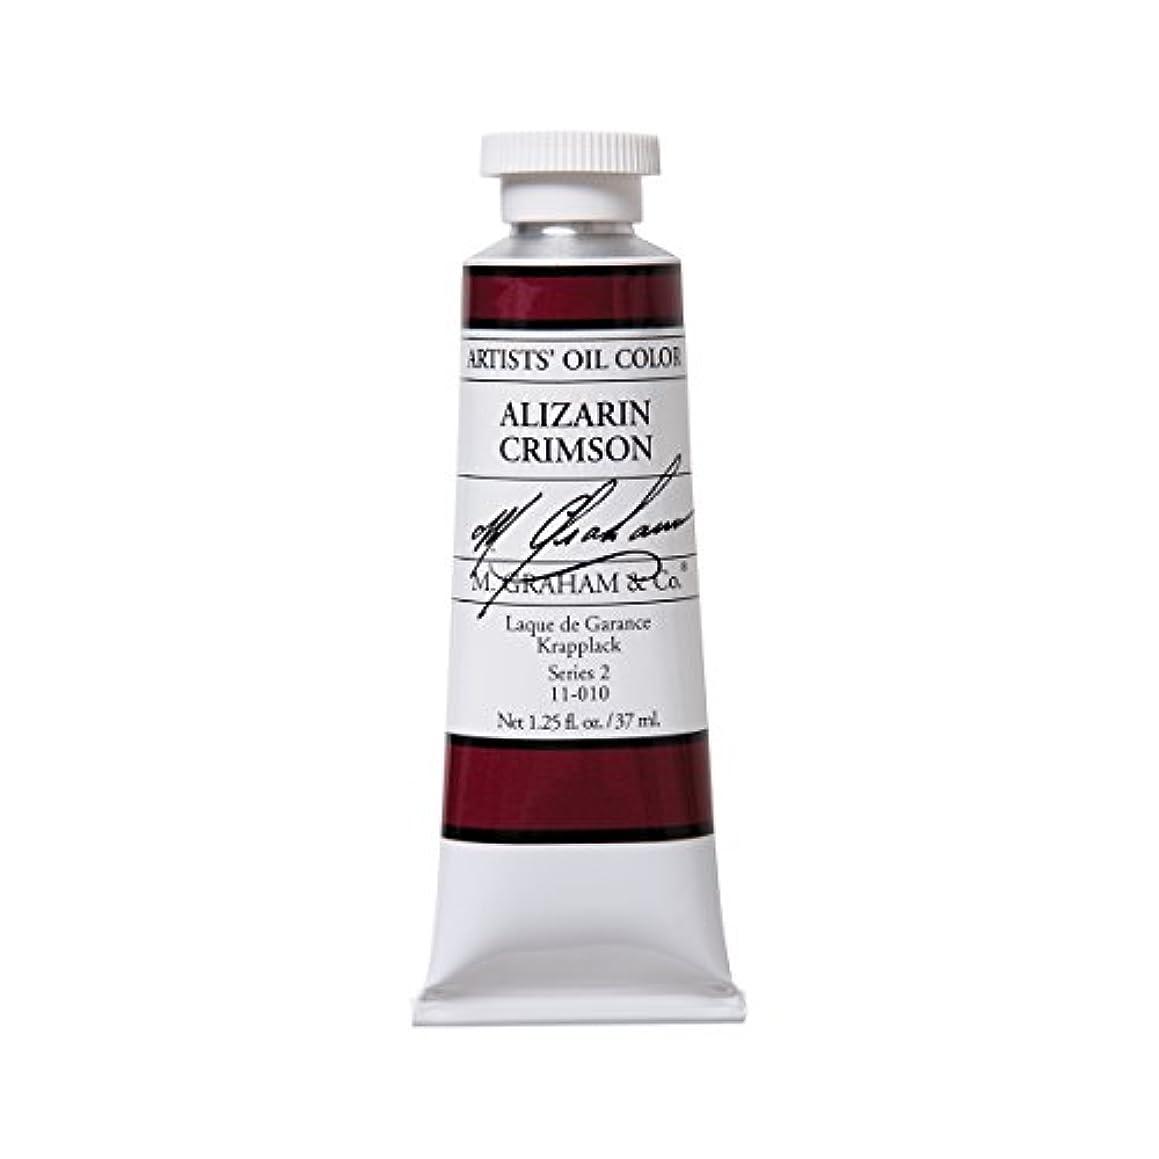 M. Graham Artist Oil Paint Alizarin Crimson 1.25oz/37ml Tube